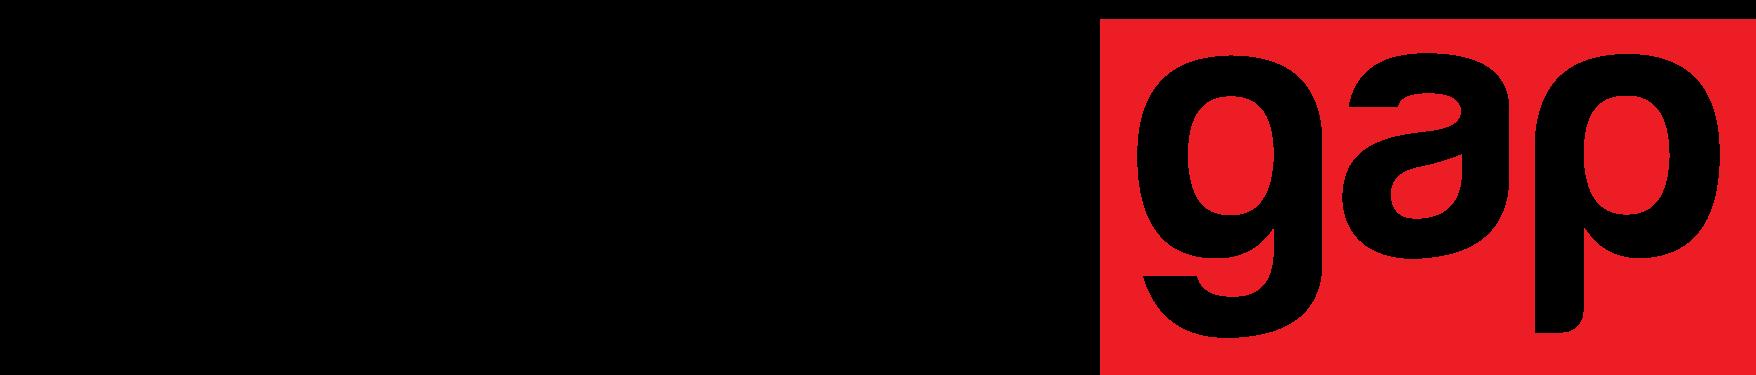 physiogap_black_sublimate_transparent